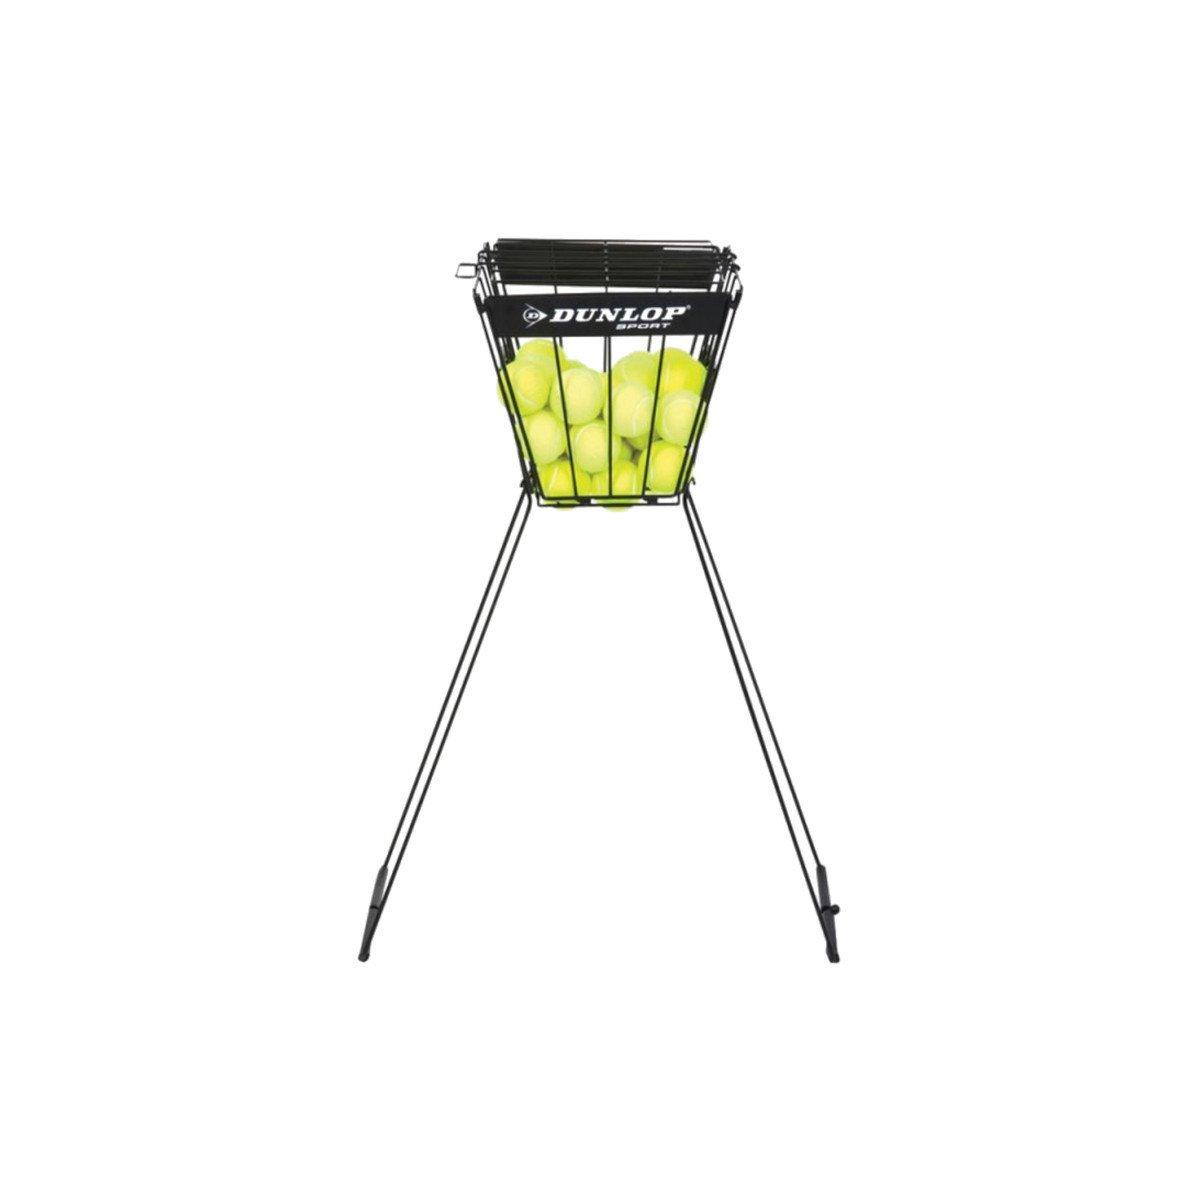 Dunlop Tennis Accessories – Ball Hopper (70 Balls)